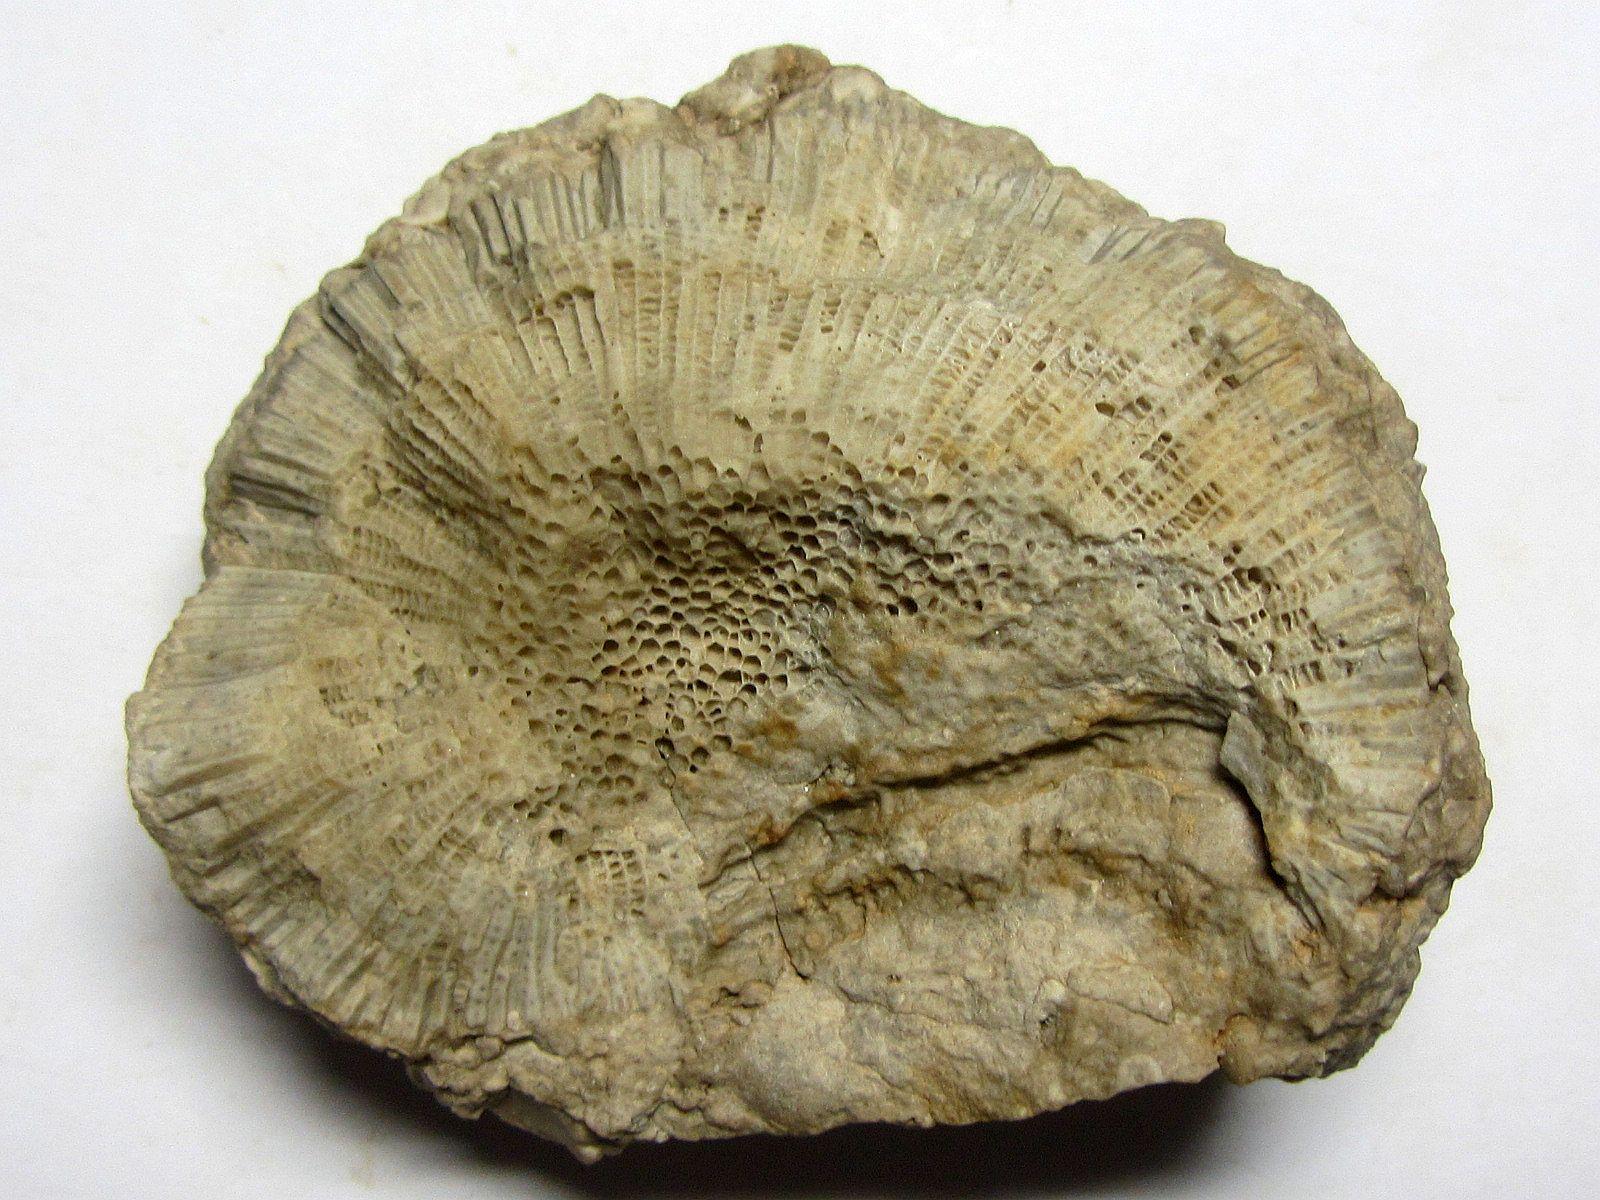 Emmonsia emmonsi (Rominger 1876)